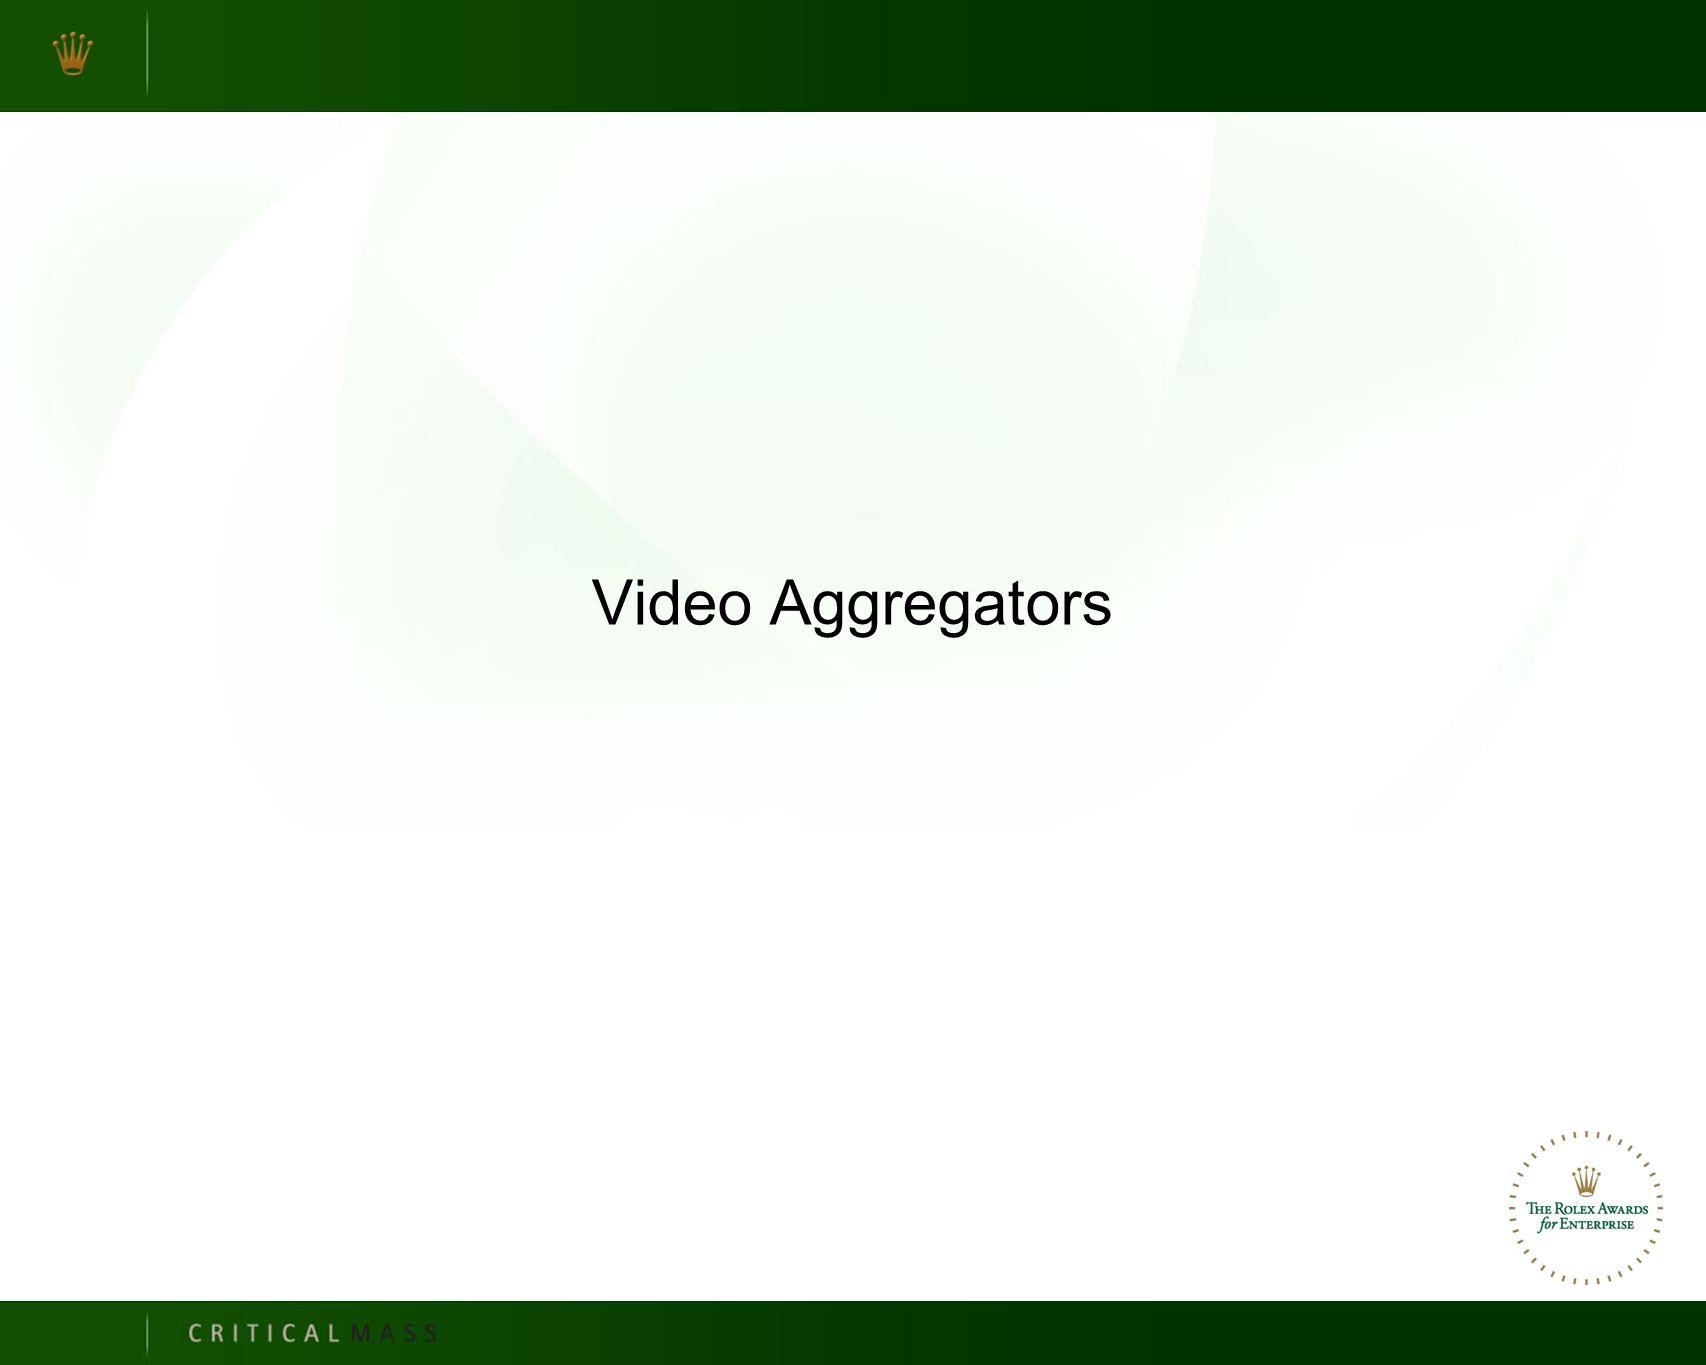 Video Aggregators